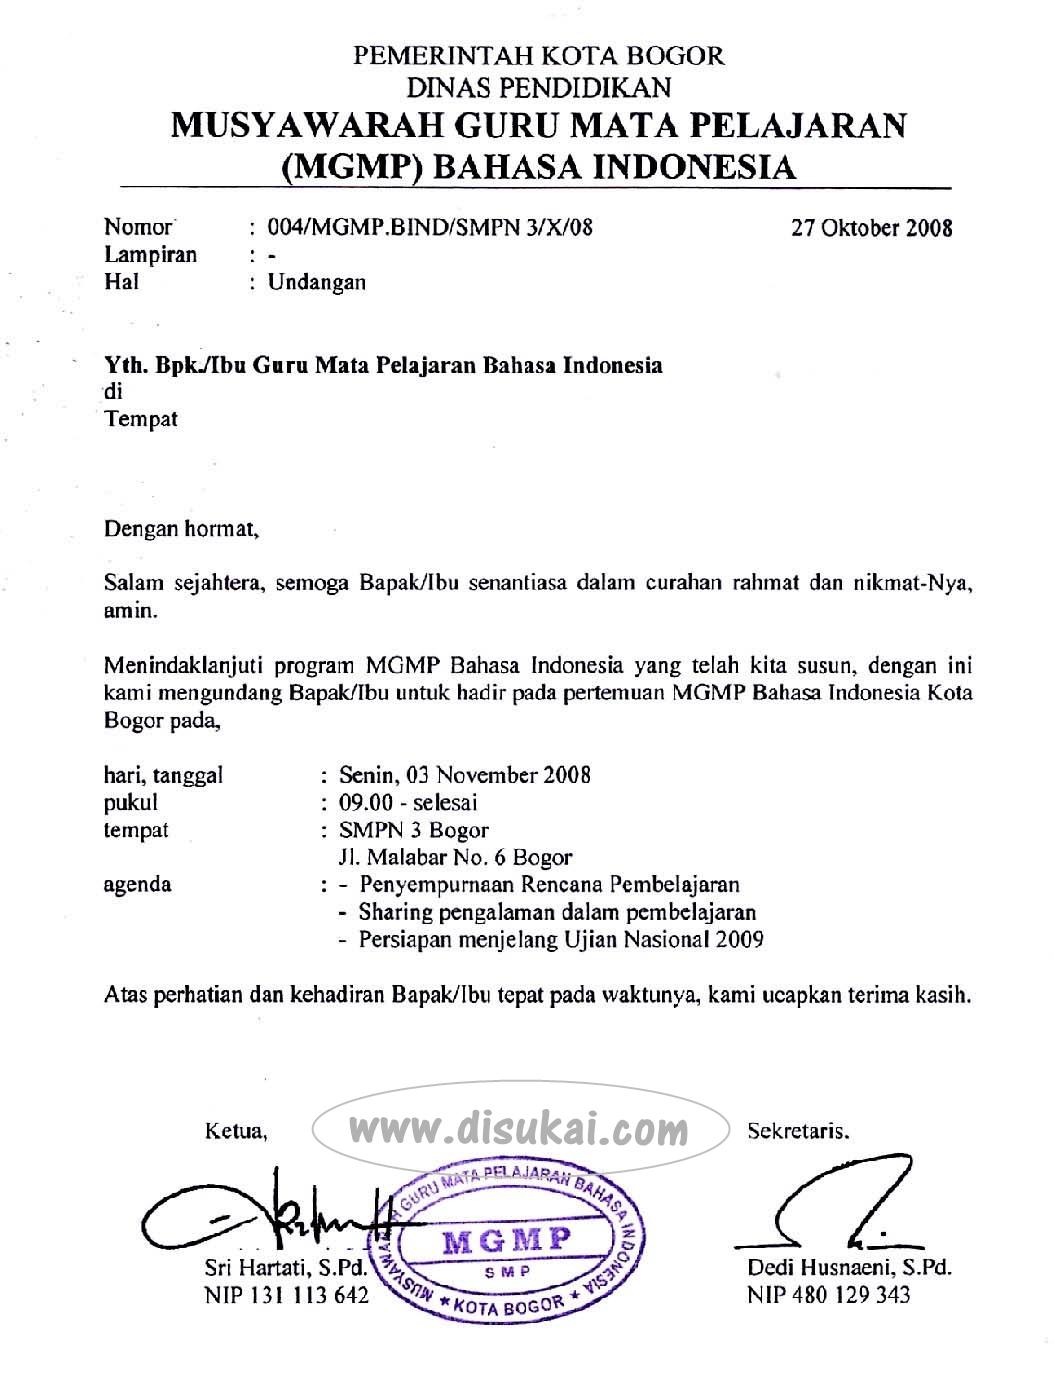 Contoh Surat Resmi Dalam Bahasa Inggris Formal Vrasmi